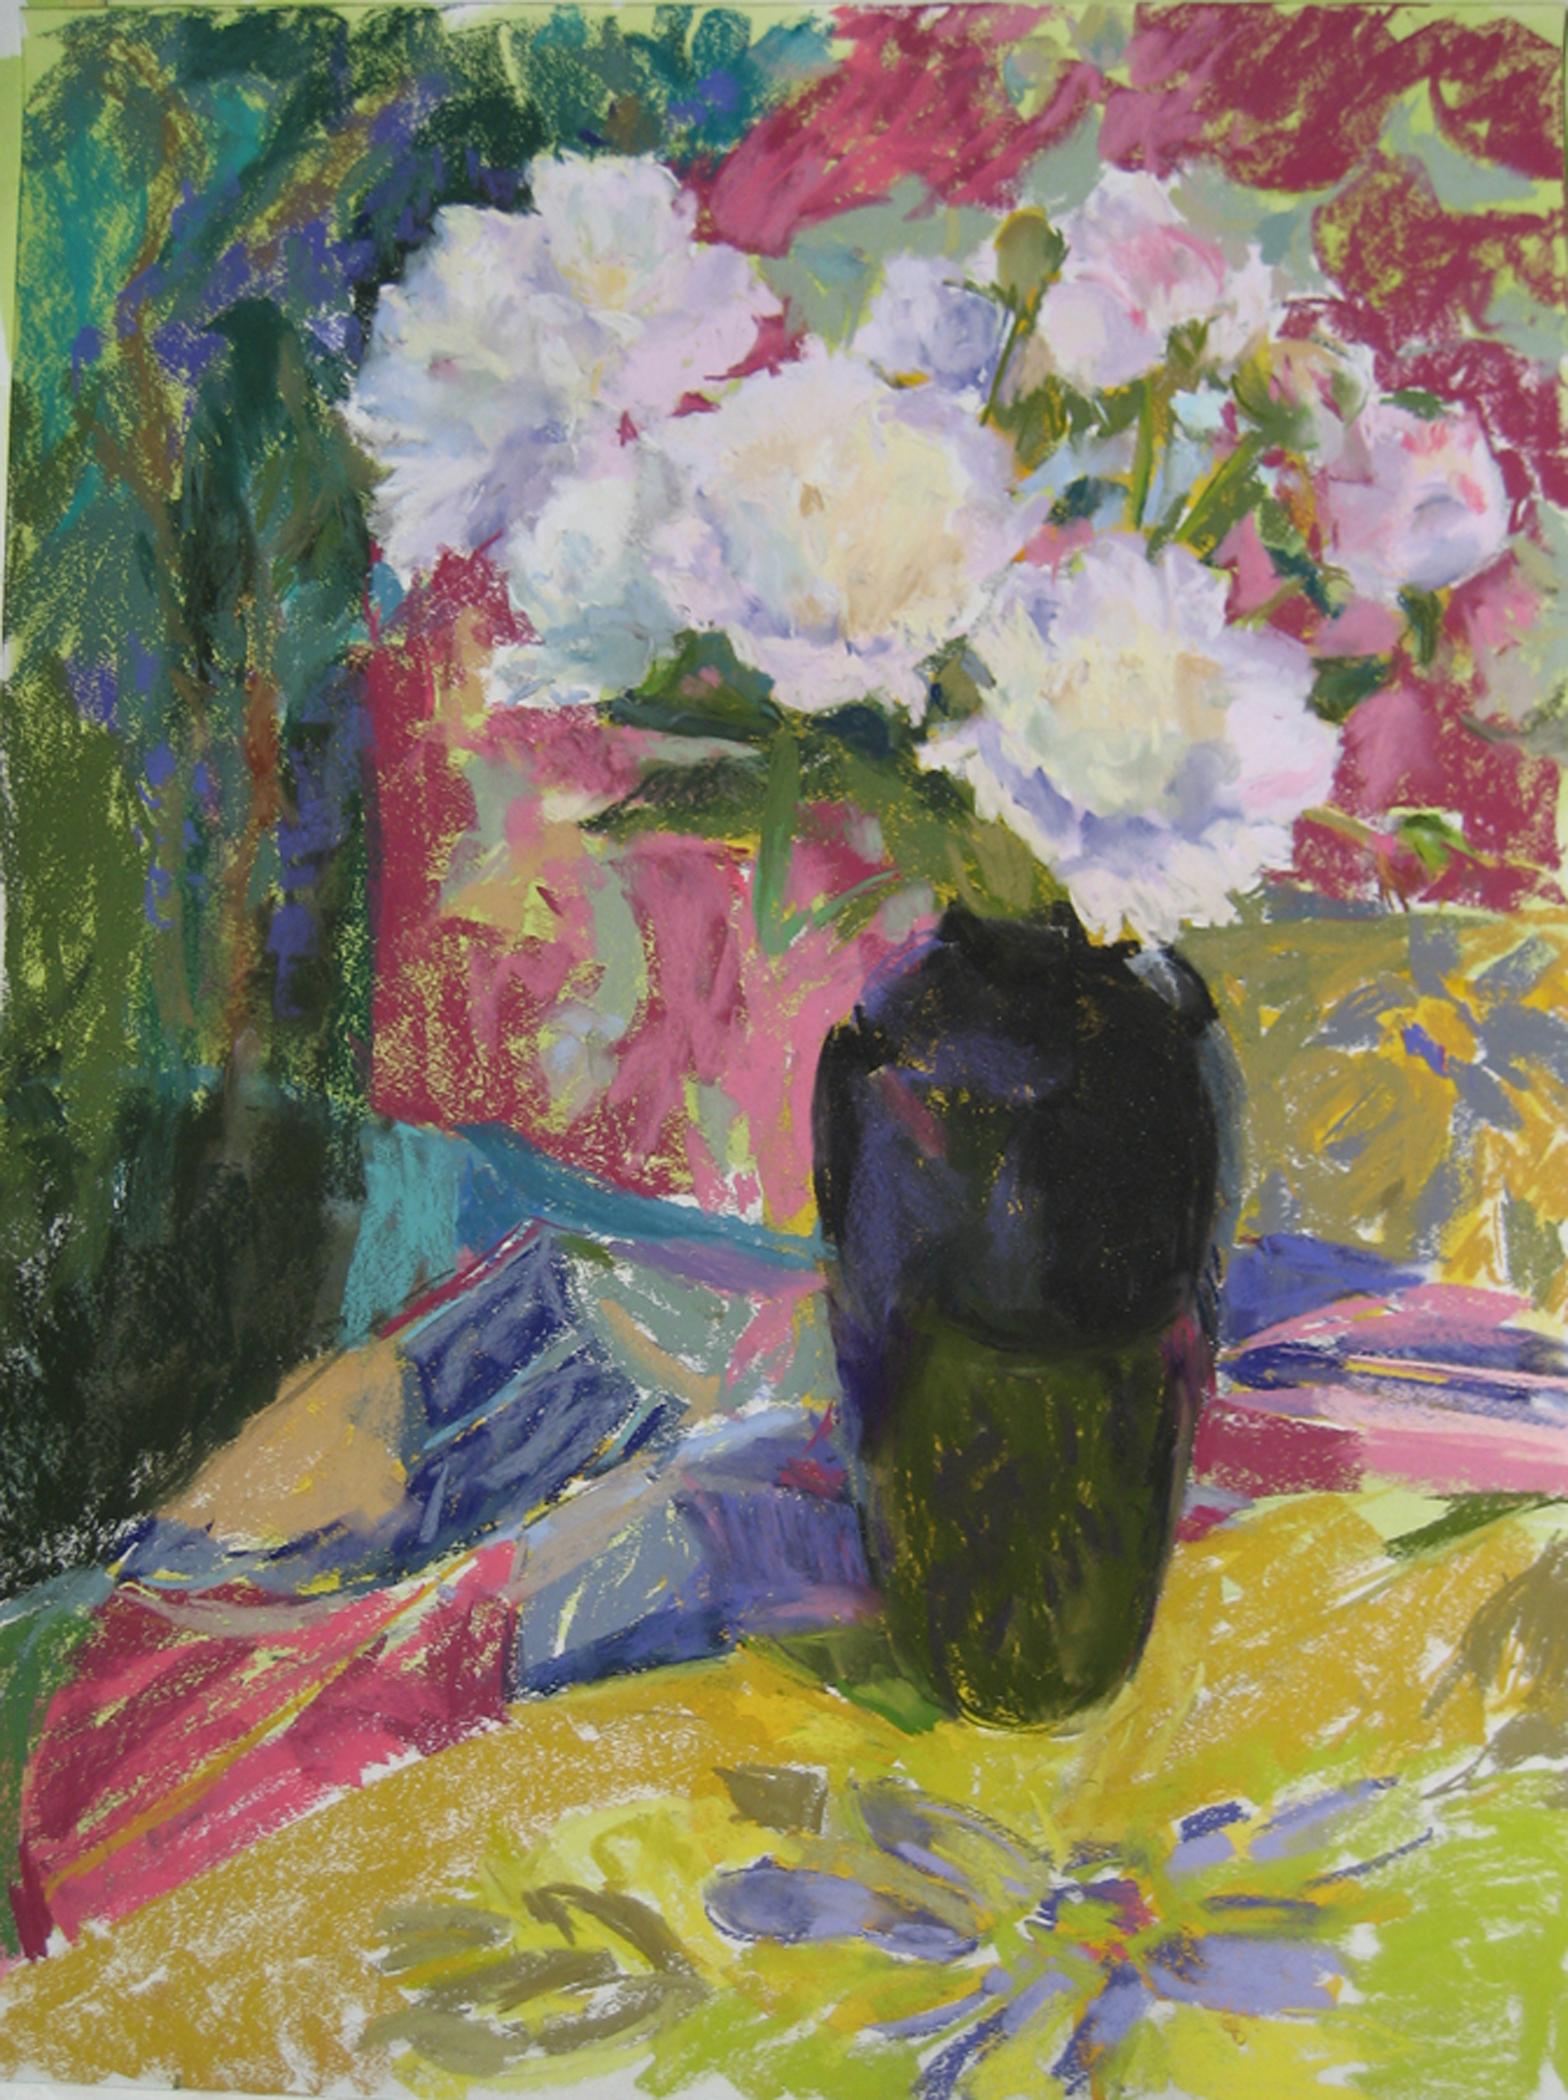 Black Vase Peonies